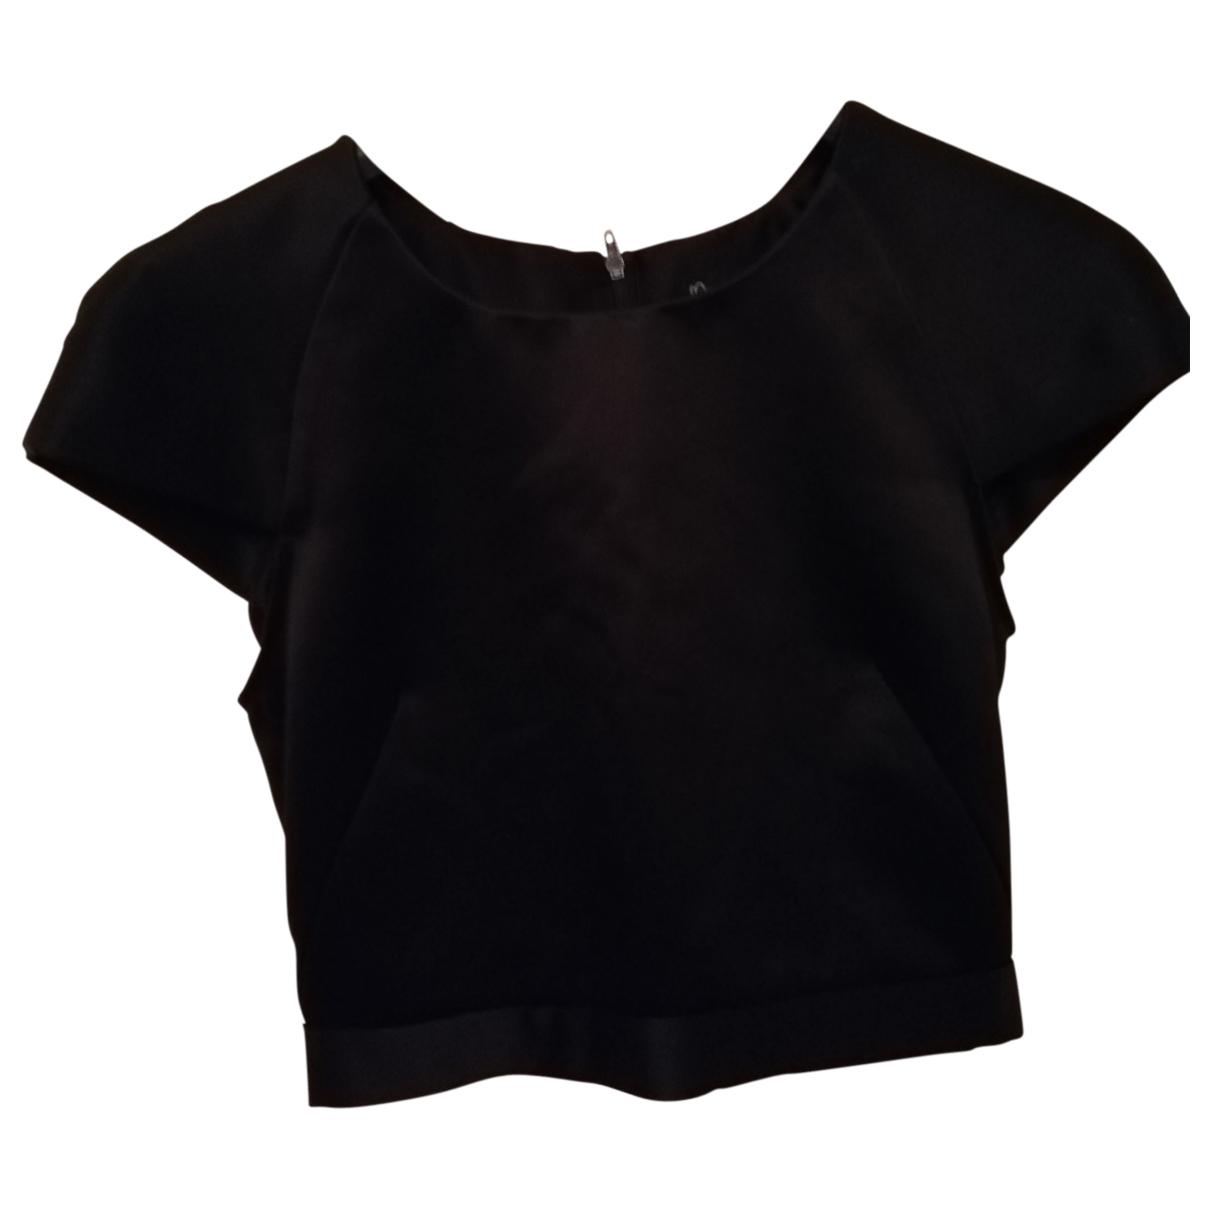 Miss Selfridge - Top   pour femme - noir